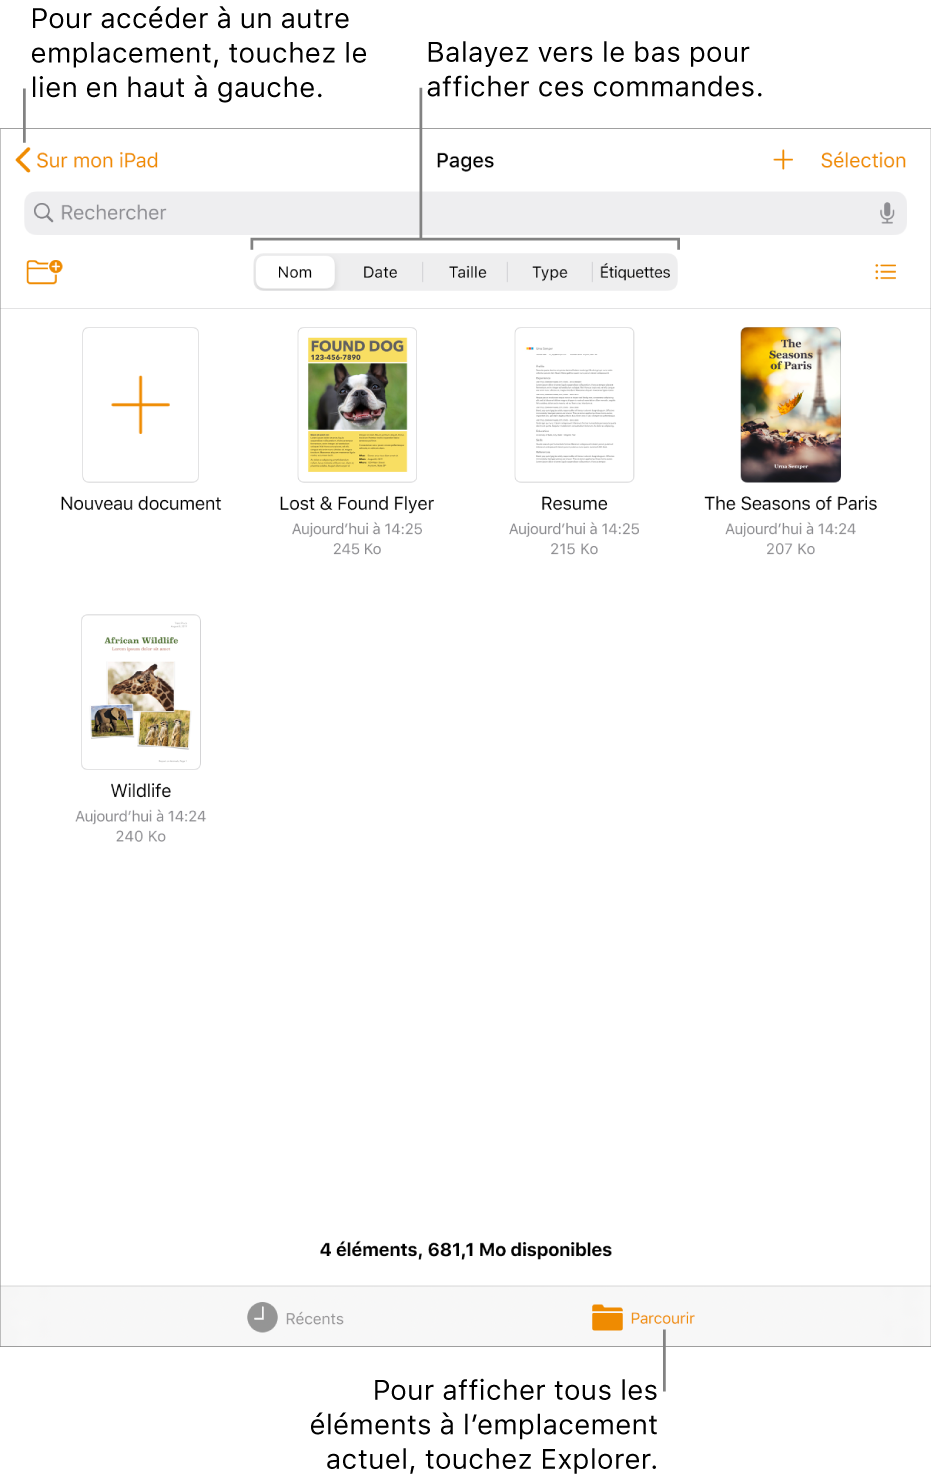 La présentation de navigation du gestionnaire de documents ainsi qu'un lien d'emplacement se trouvent dans le coin supérieur gauche, et un champ de recherche se trouve en dessous. Dans la rangée en dessous de Rechercher se trouve le bouton Nouveau dossier; les boutons de filtrage par nom, par date, par taille, par type et par étiquette, ainsi que le boutonPrésentation par liste et par icône. En dessous se trouve le boutonNouveaudocument et les vignettes des documents existants. Au bas de l'écran se trouvent les boutons Récents et Parcourir.